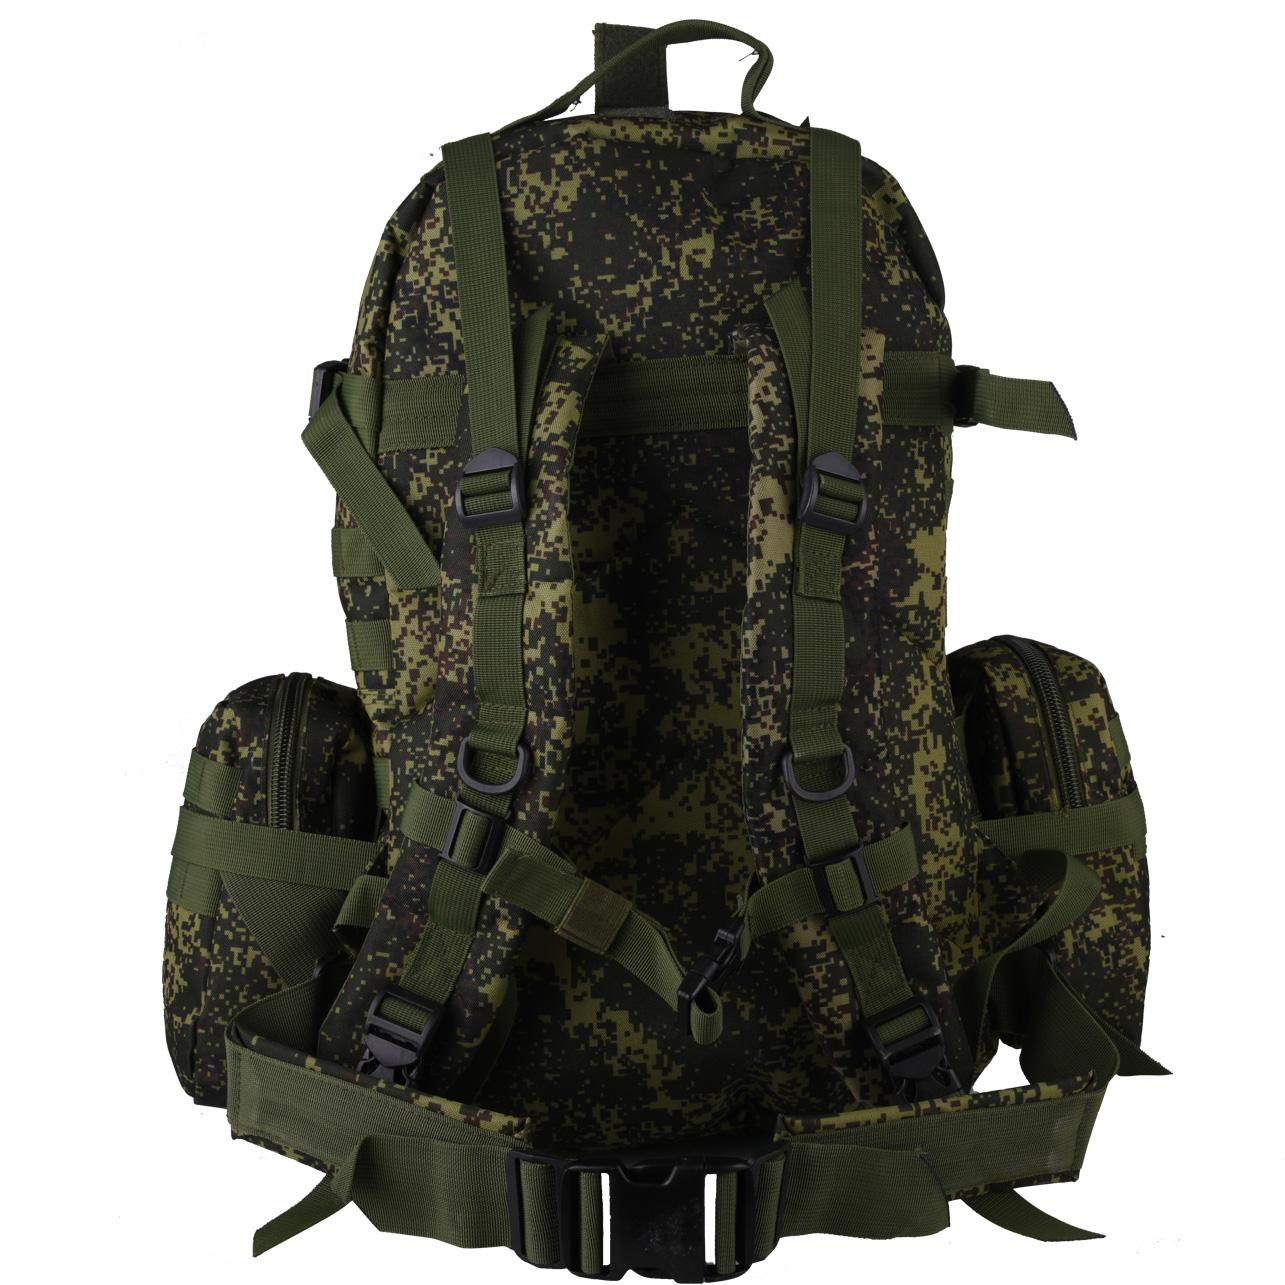 Рейдовый рюкзак на 50 литров с подсумками с эмблемой МВД заказать в Военпро